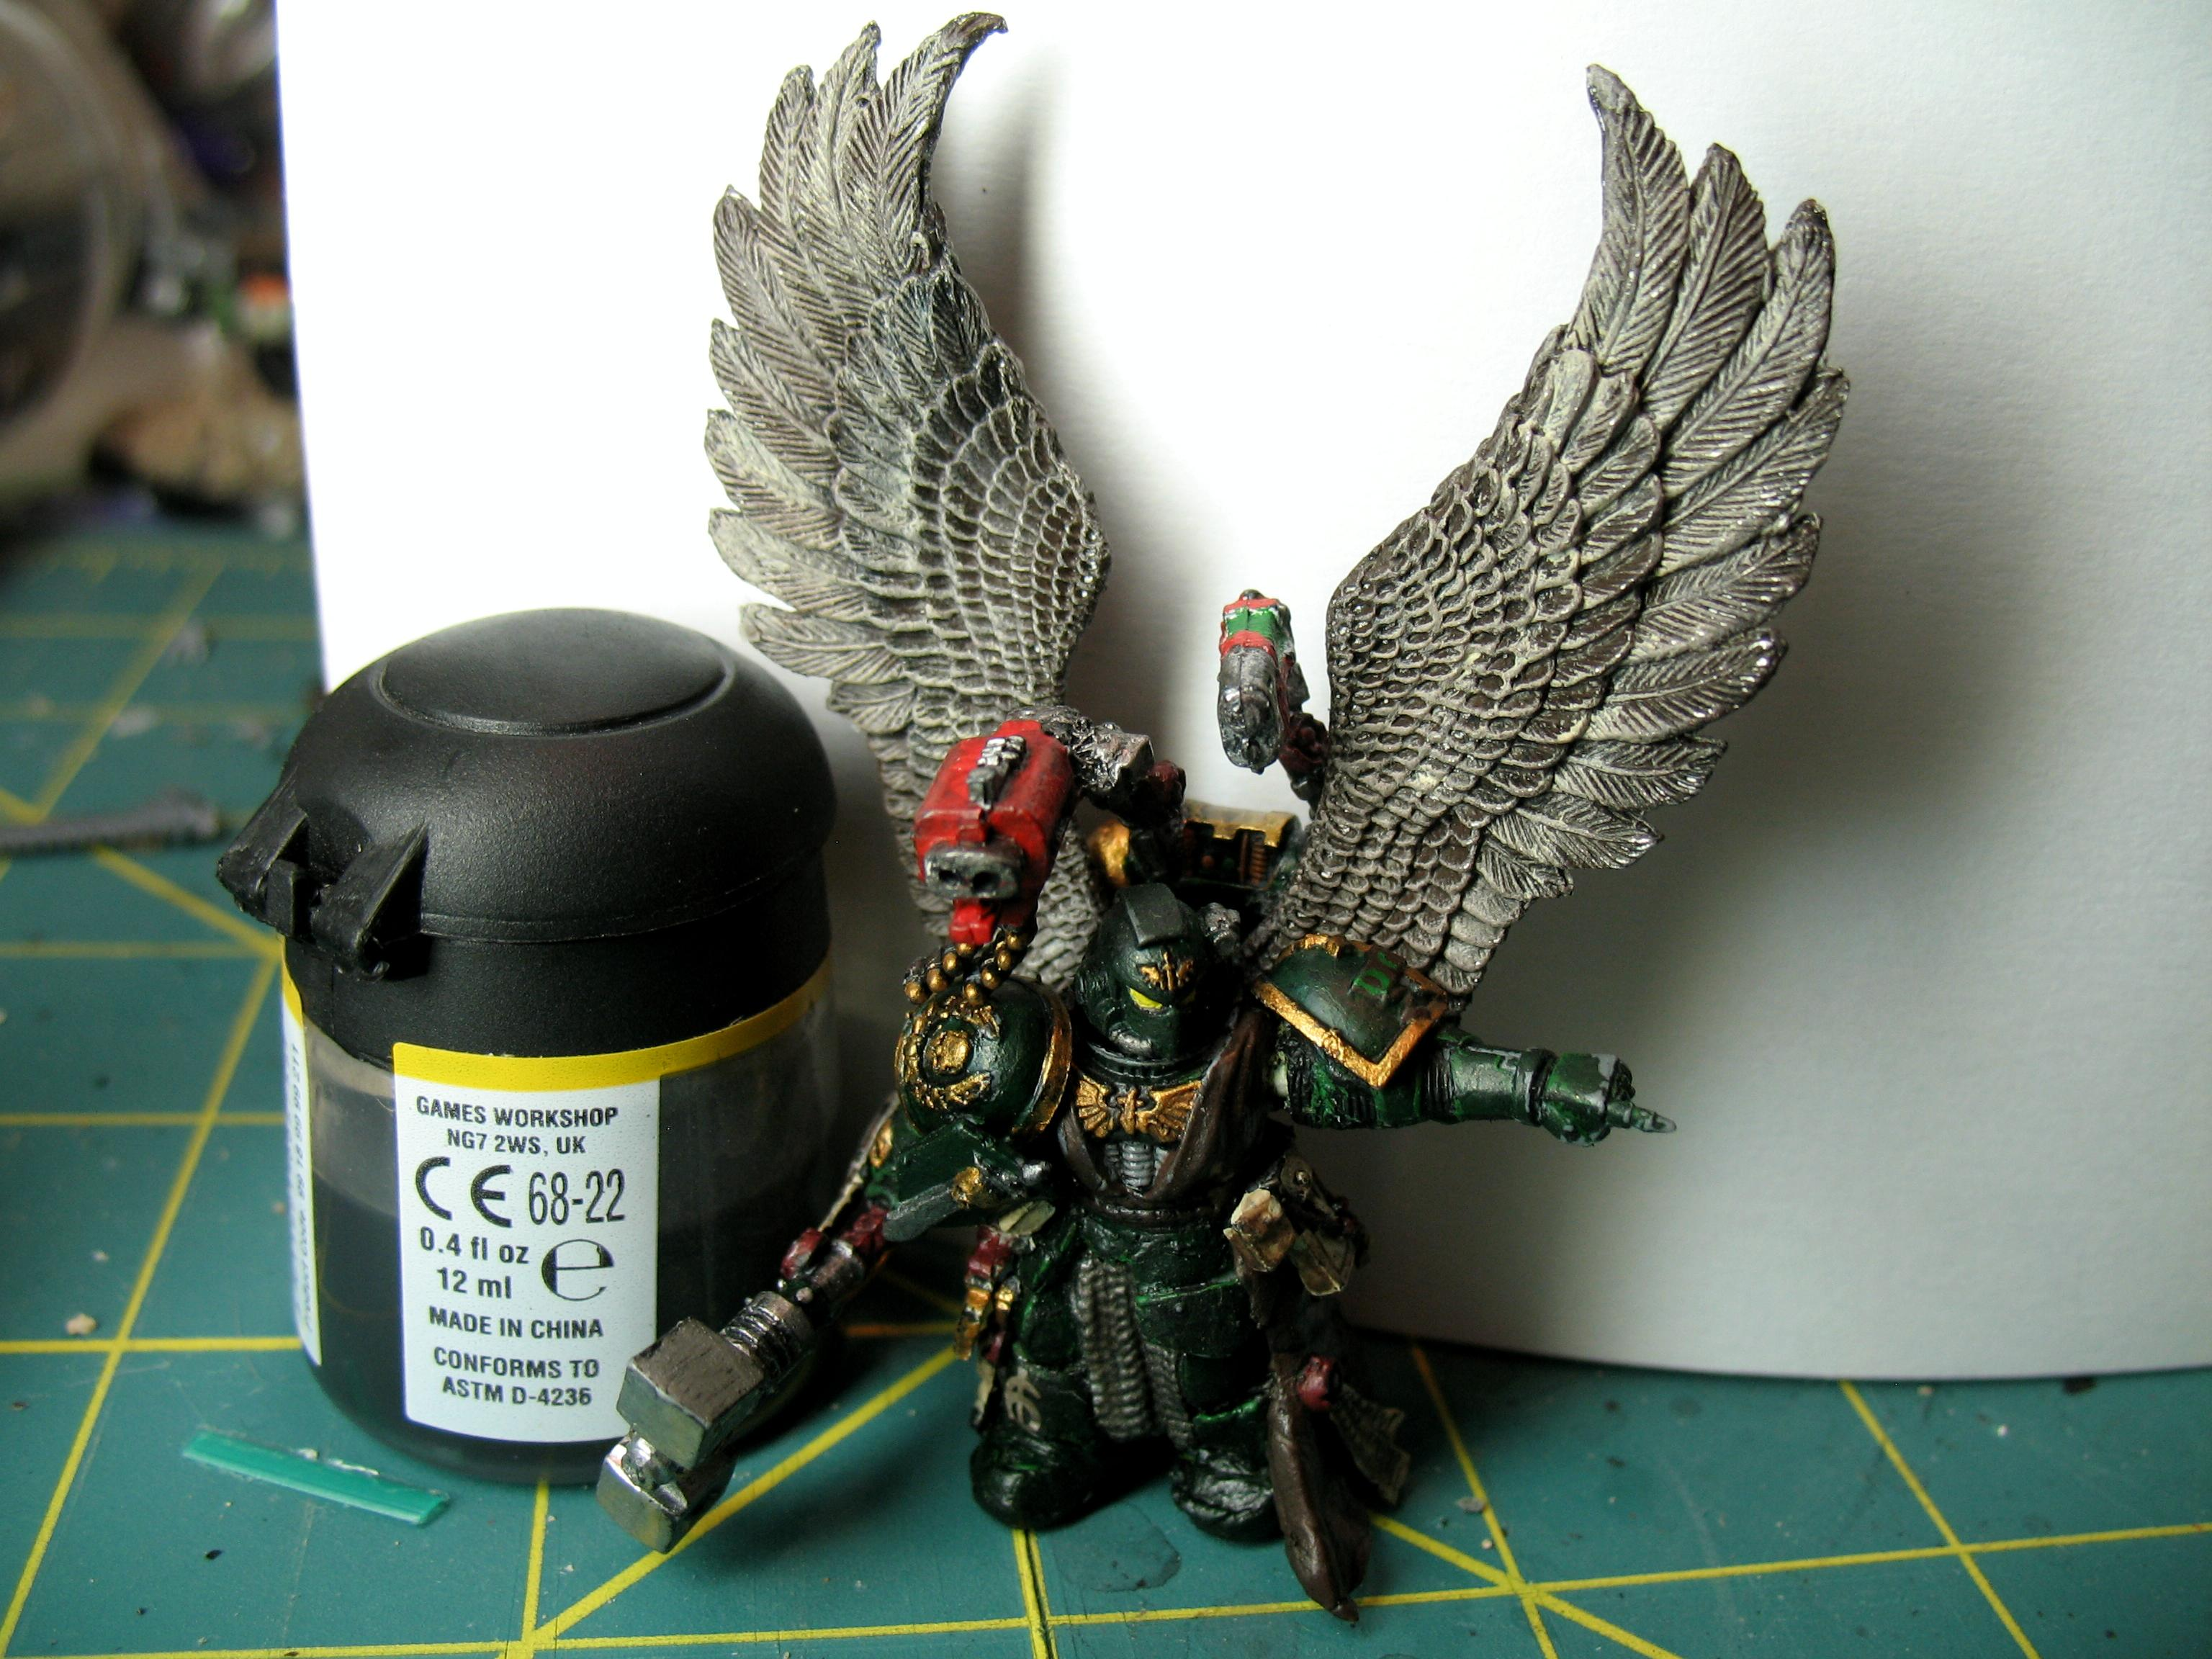 Command Squad Warhammer 40k, Conversion, Dark Angel 6th Company Master, Dark Angel Command Squad, Dark Angels, Warhammer 40,000